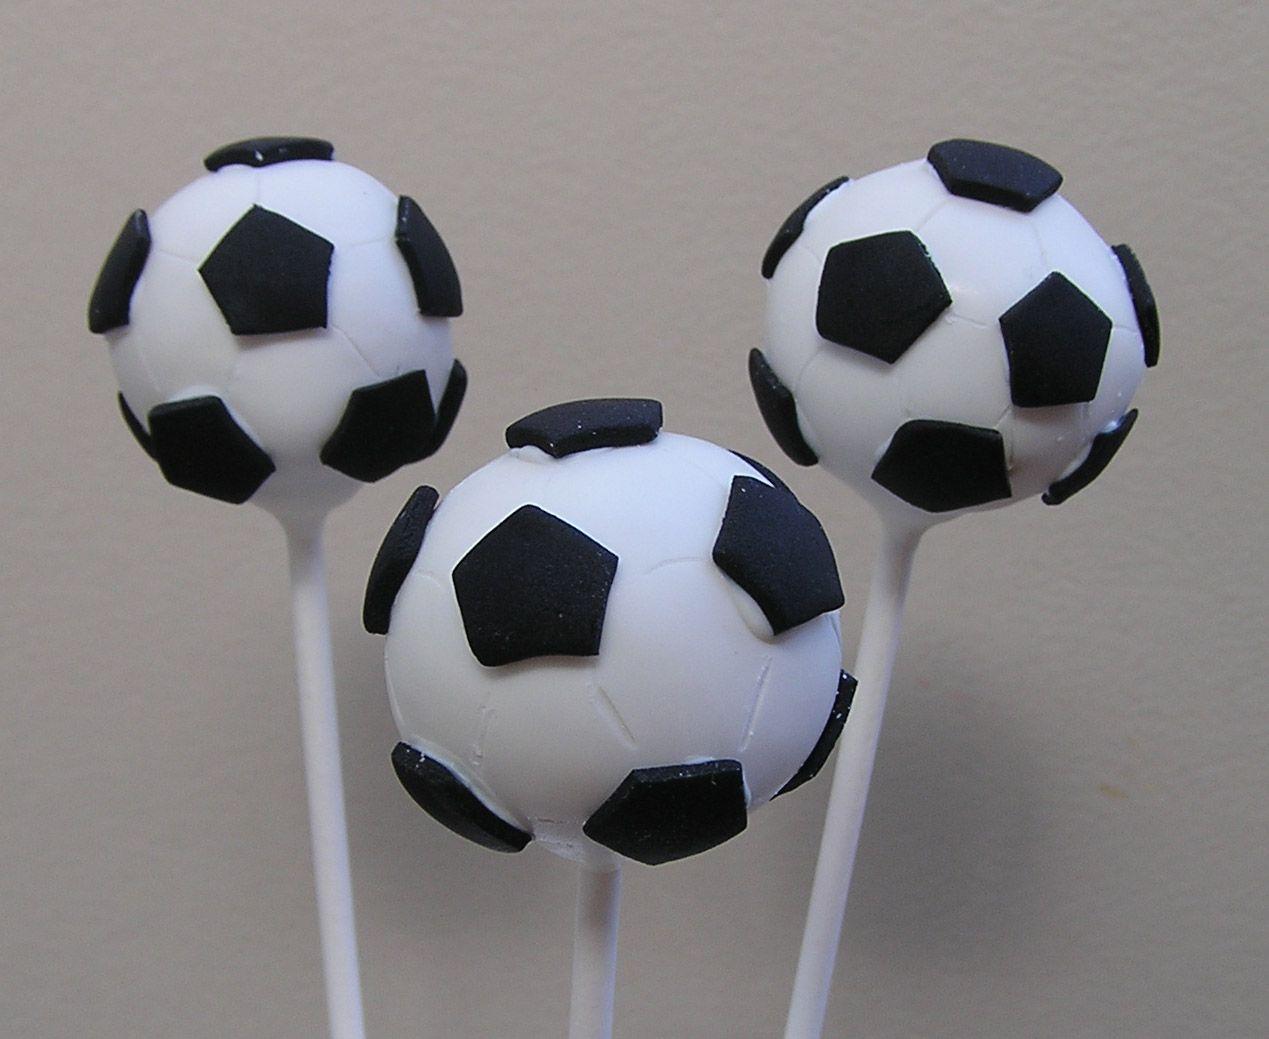 Soccer Balls With Images Soccer Cake Pops Soccer Cake Cake Pops